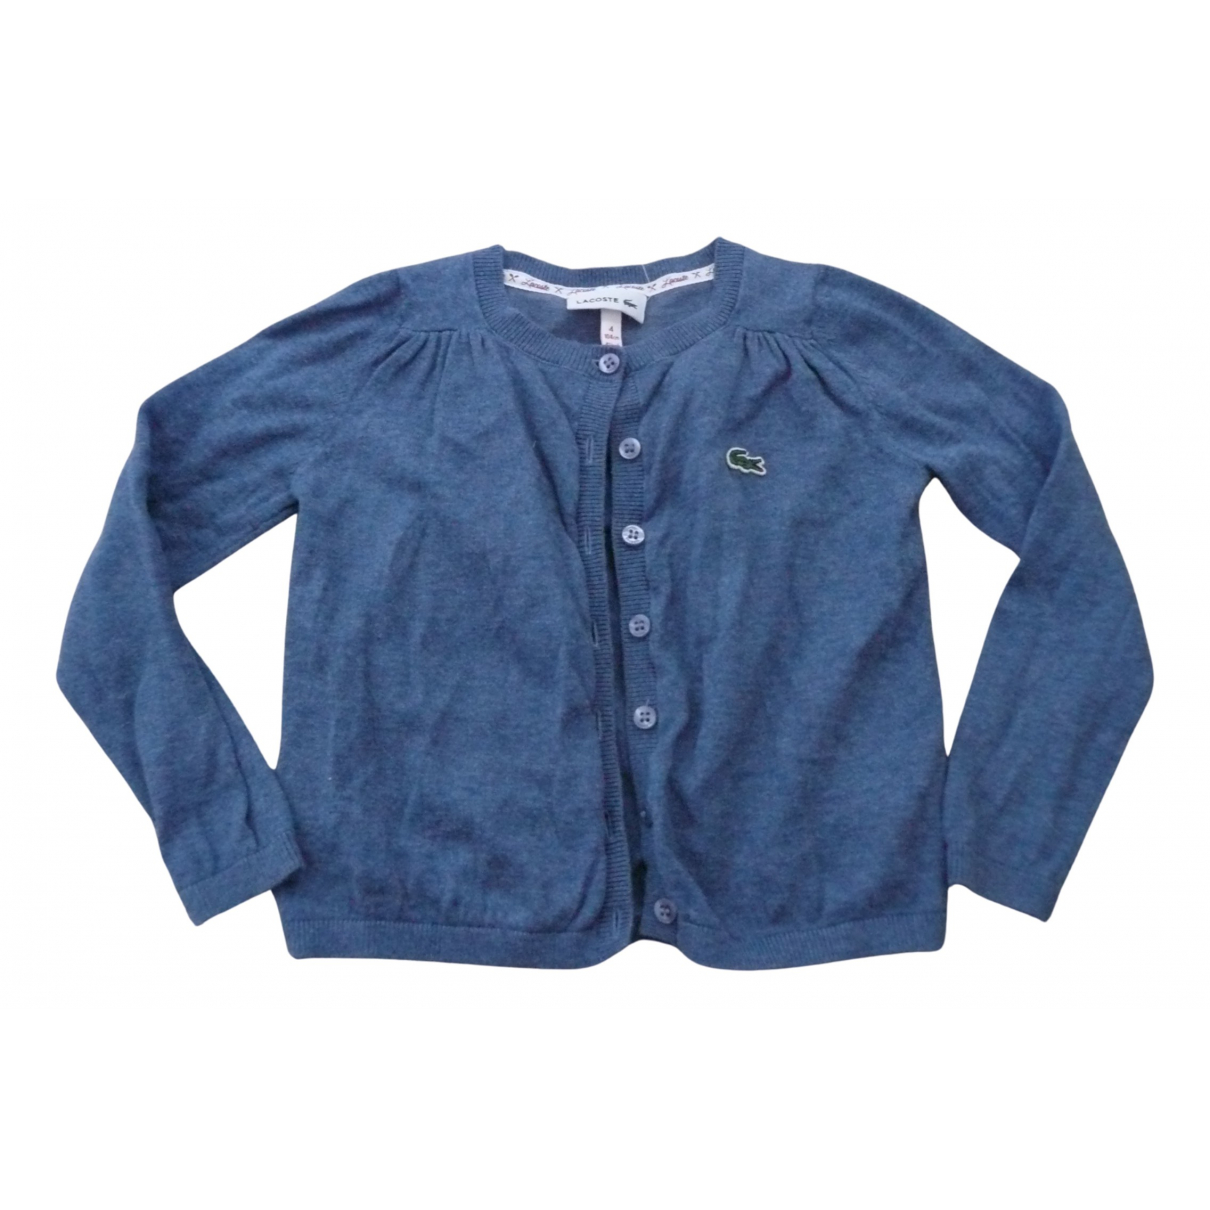 Lacoste \N Pullover, StrickJacke in  Blau Baumwolle